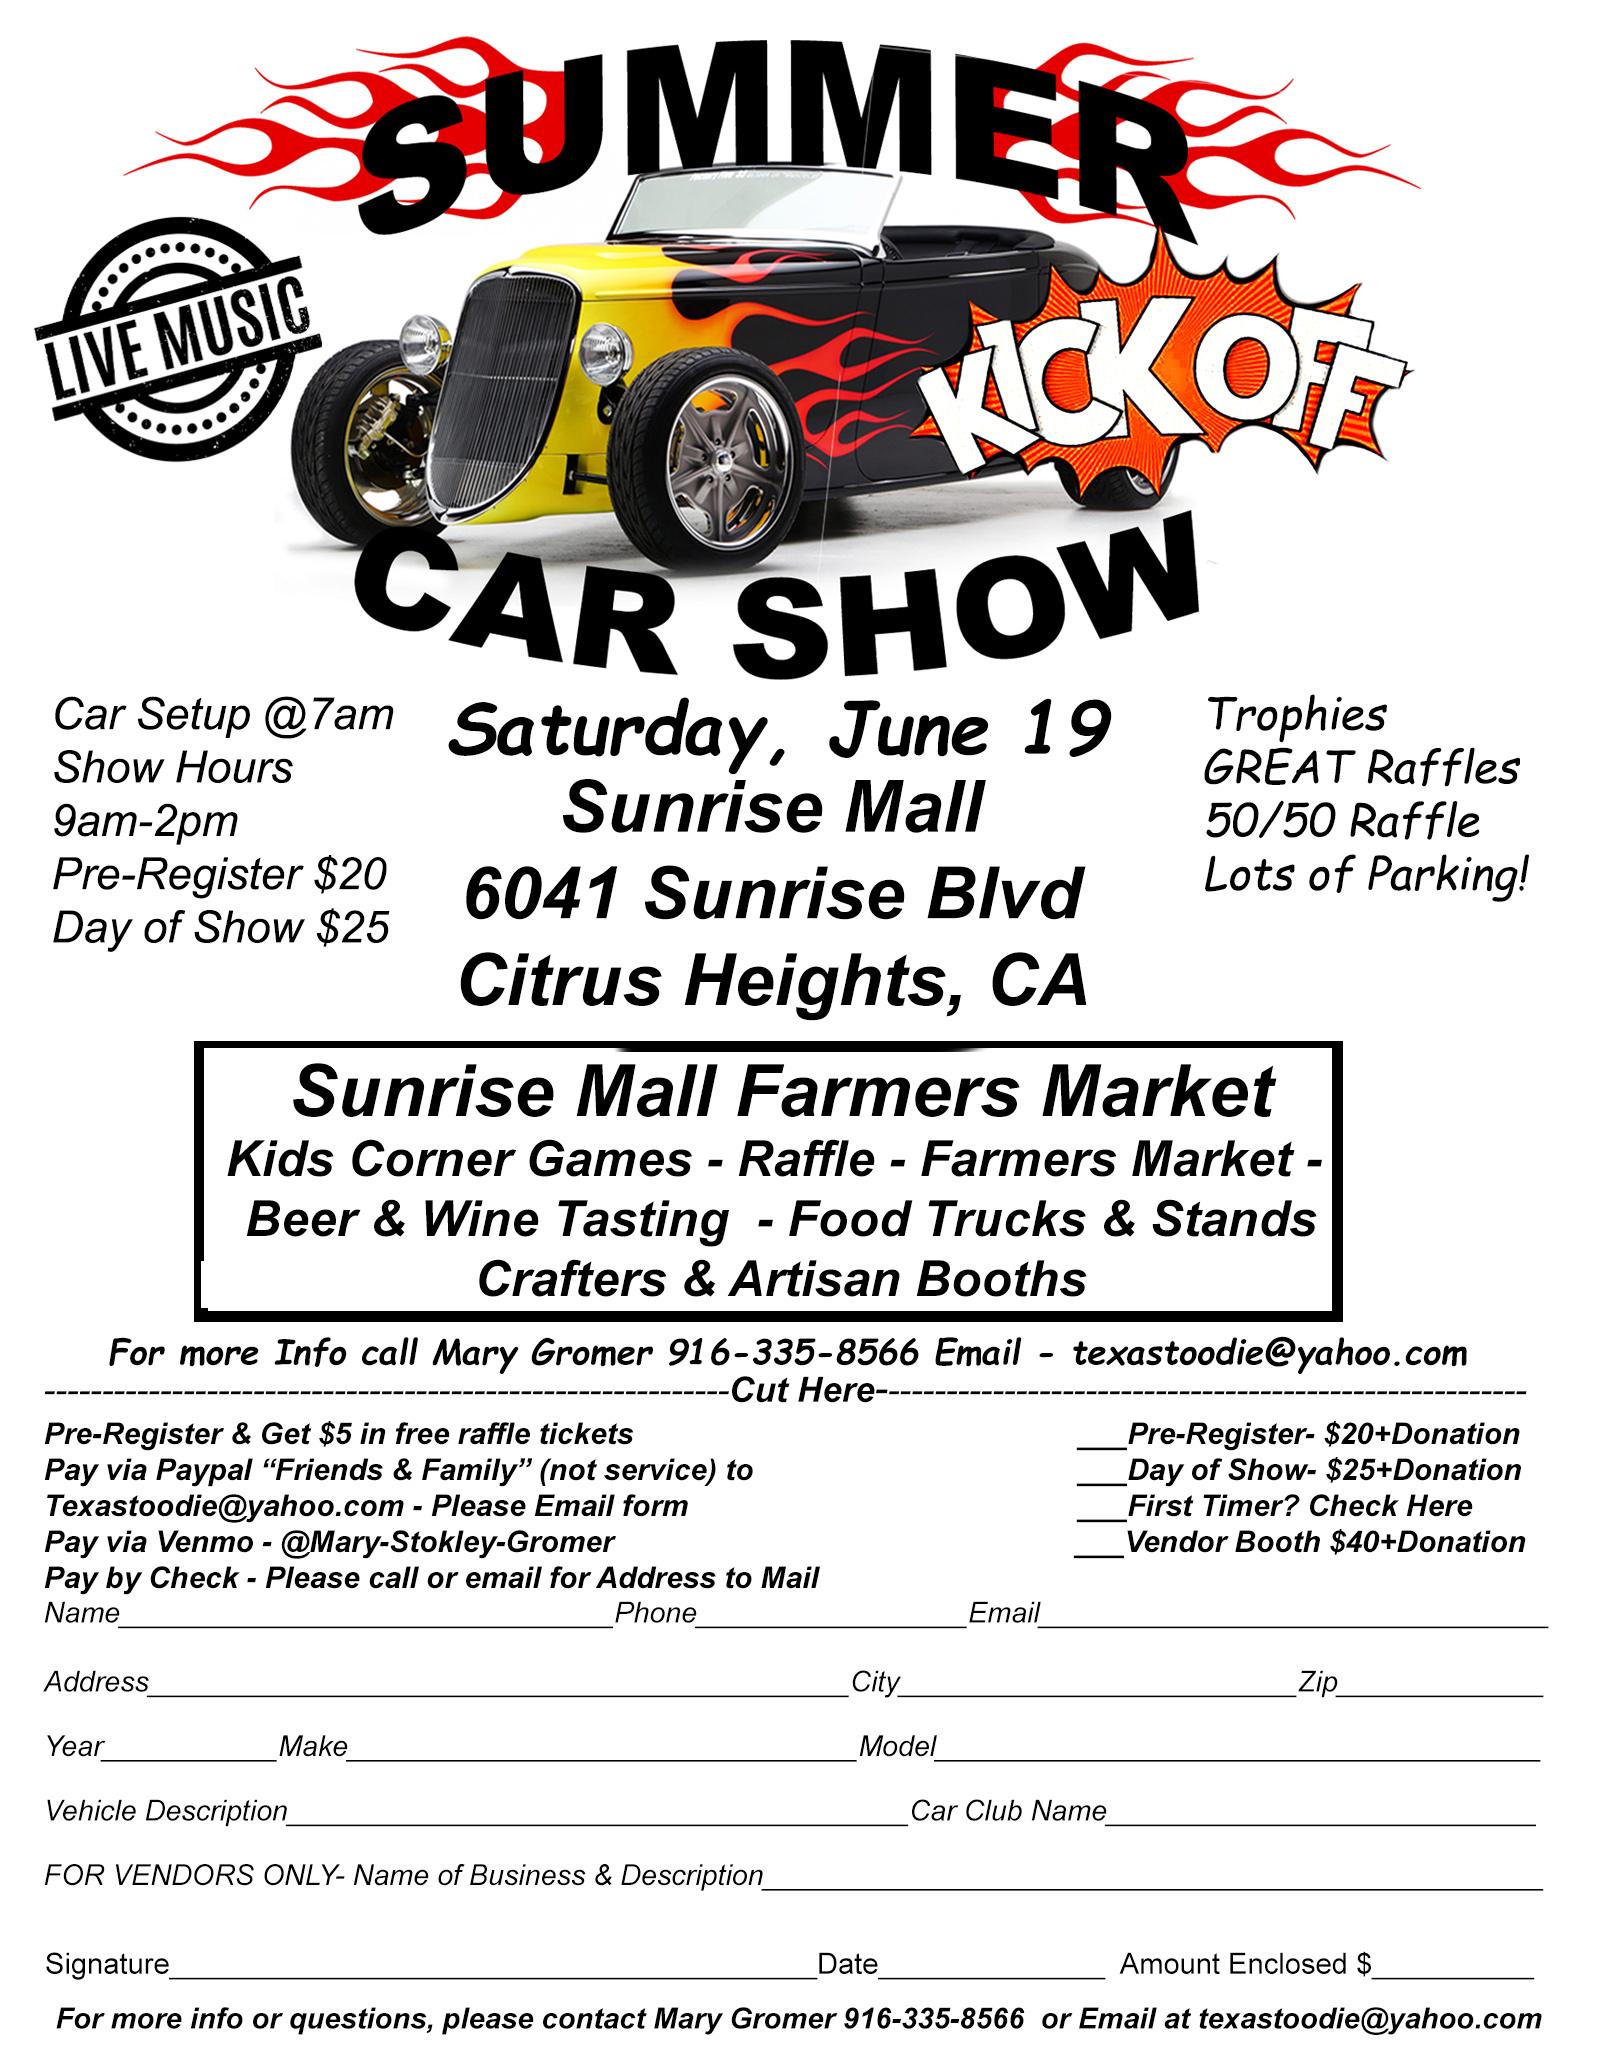 Summer Kickoff Car Show